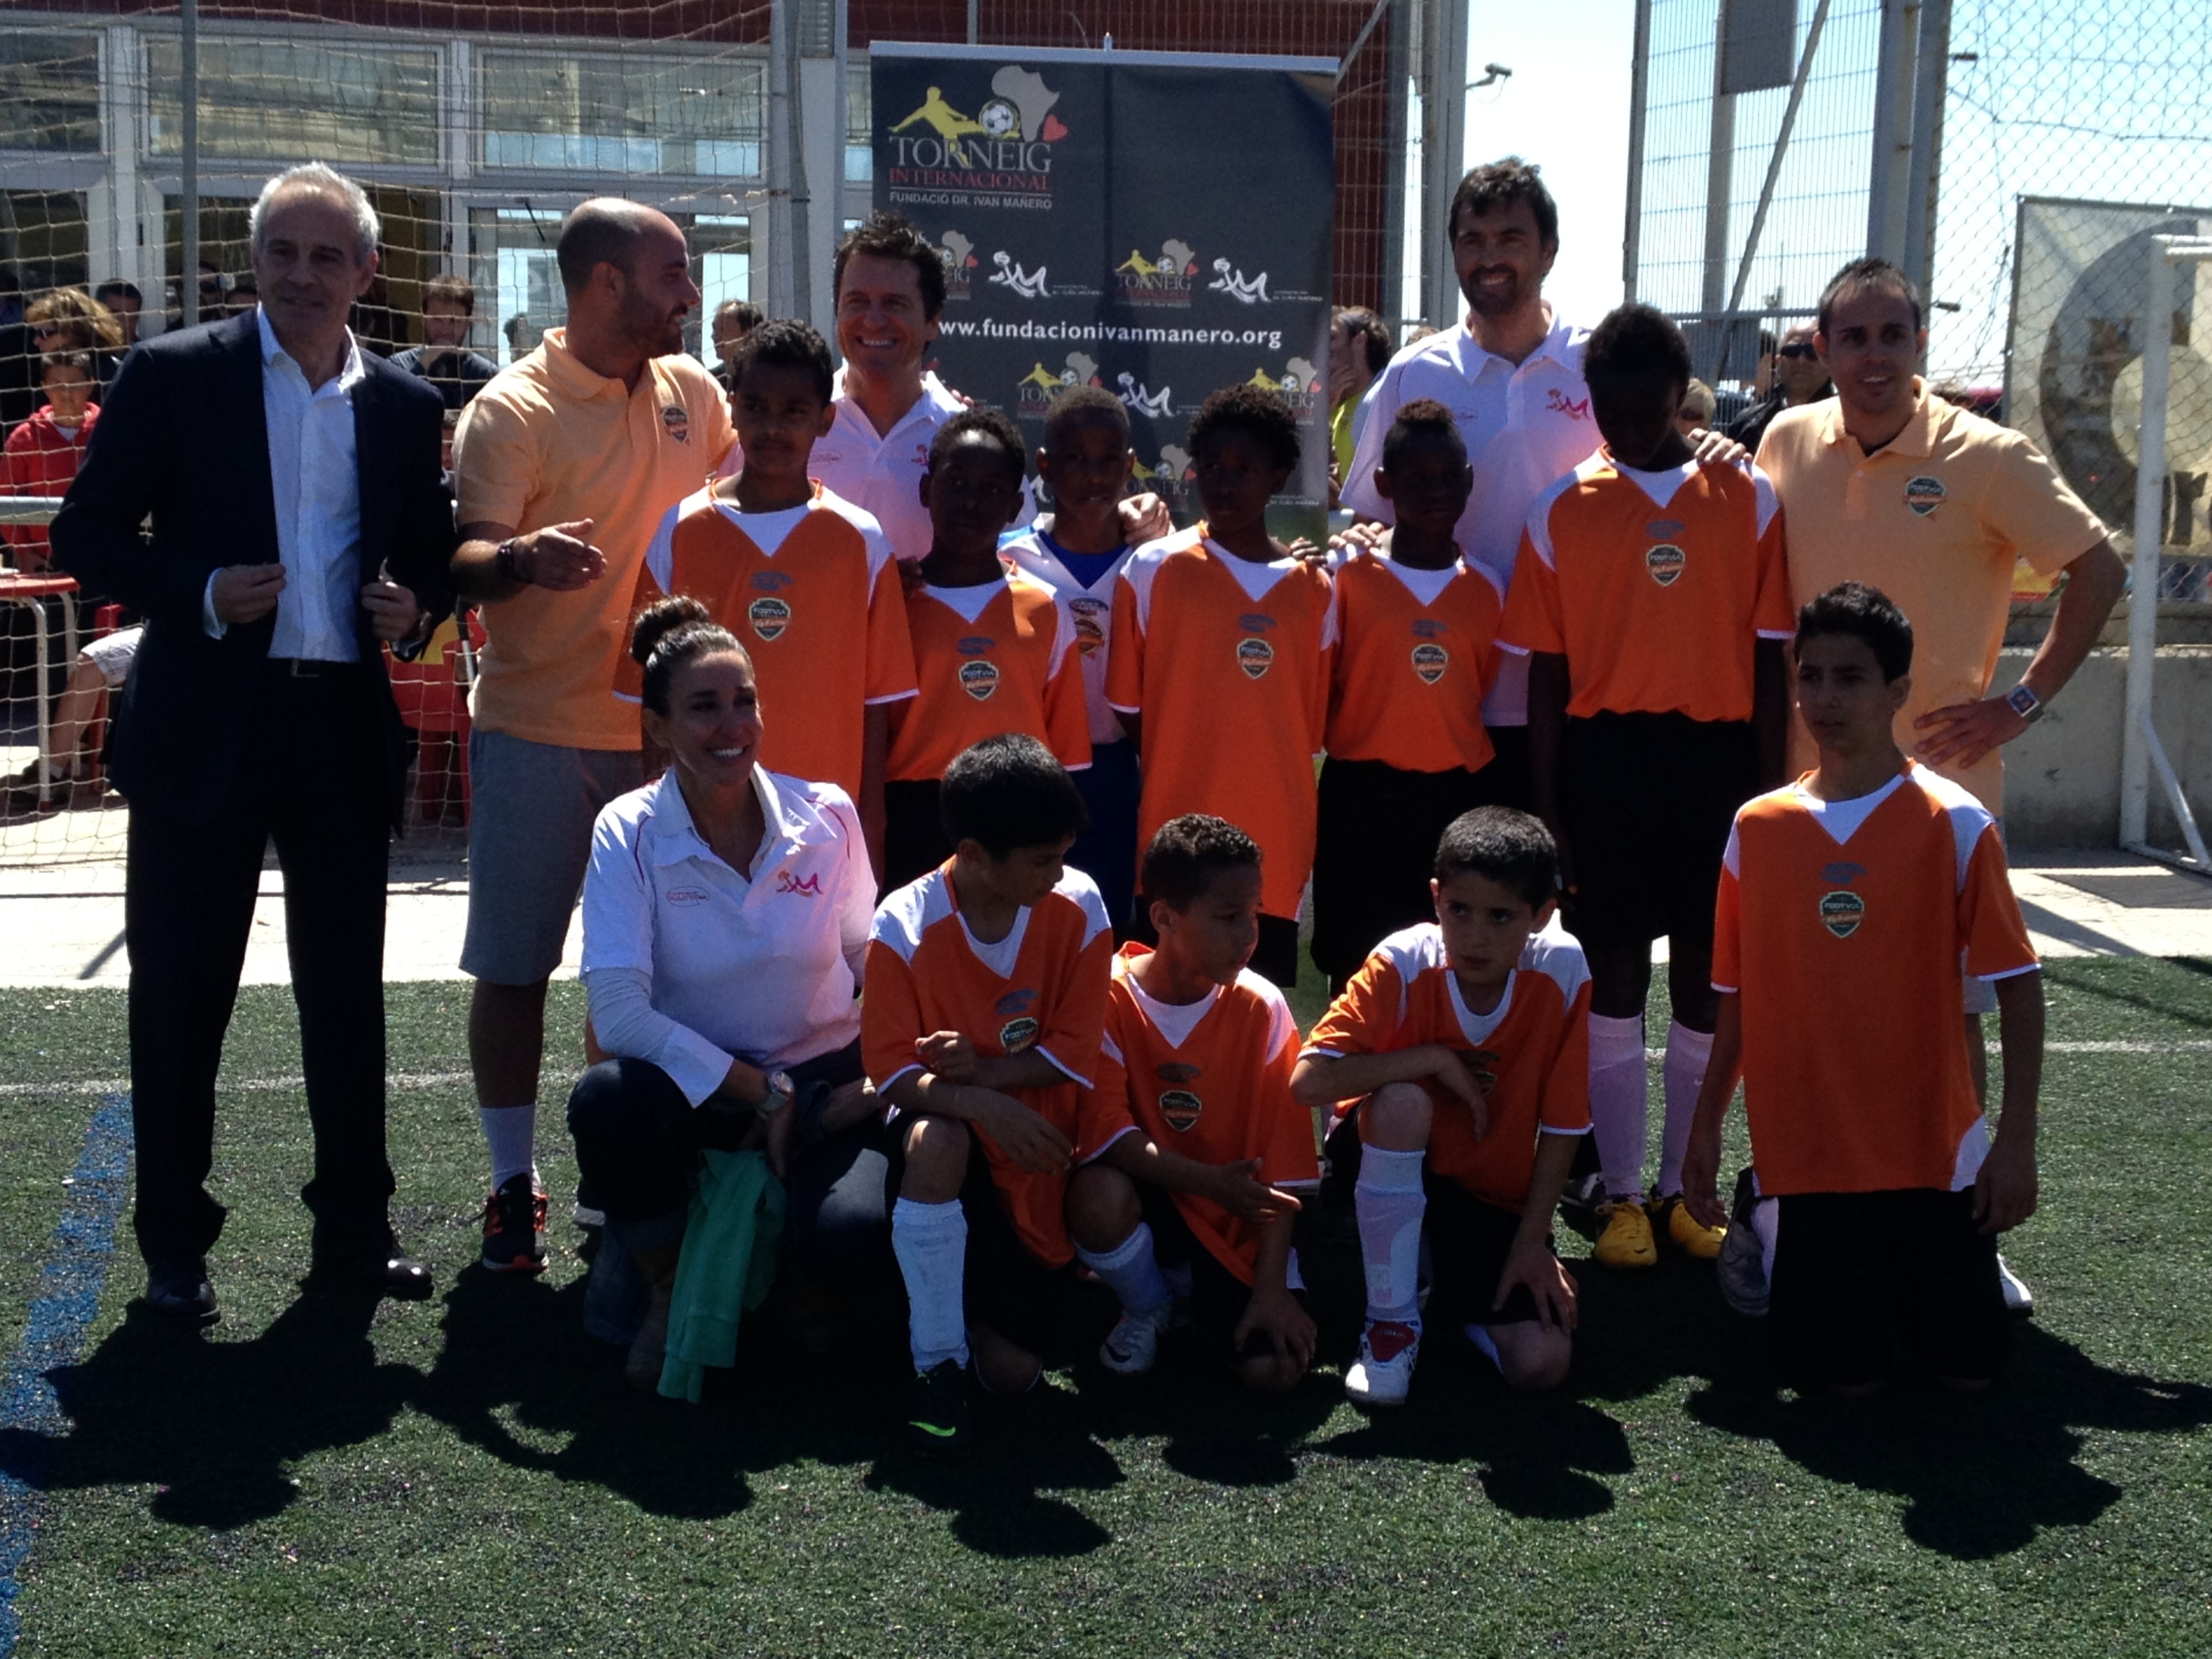 Torneo Futbol solidario Fundacion Ivan Mañero